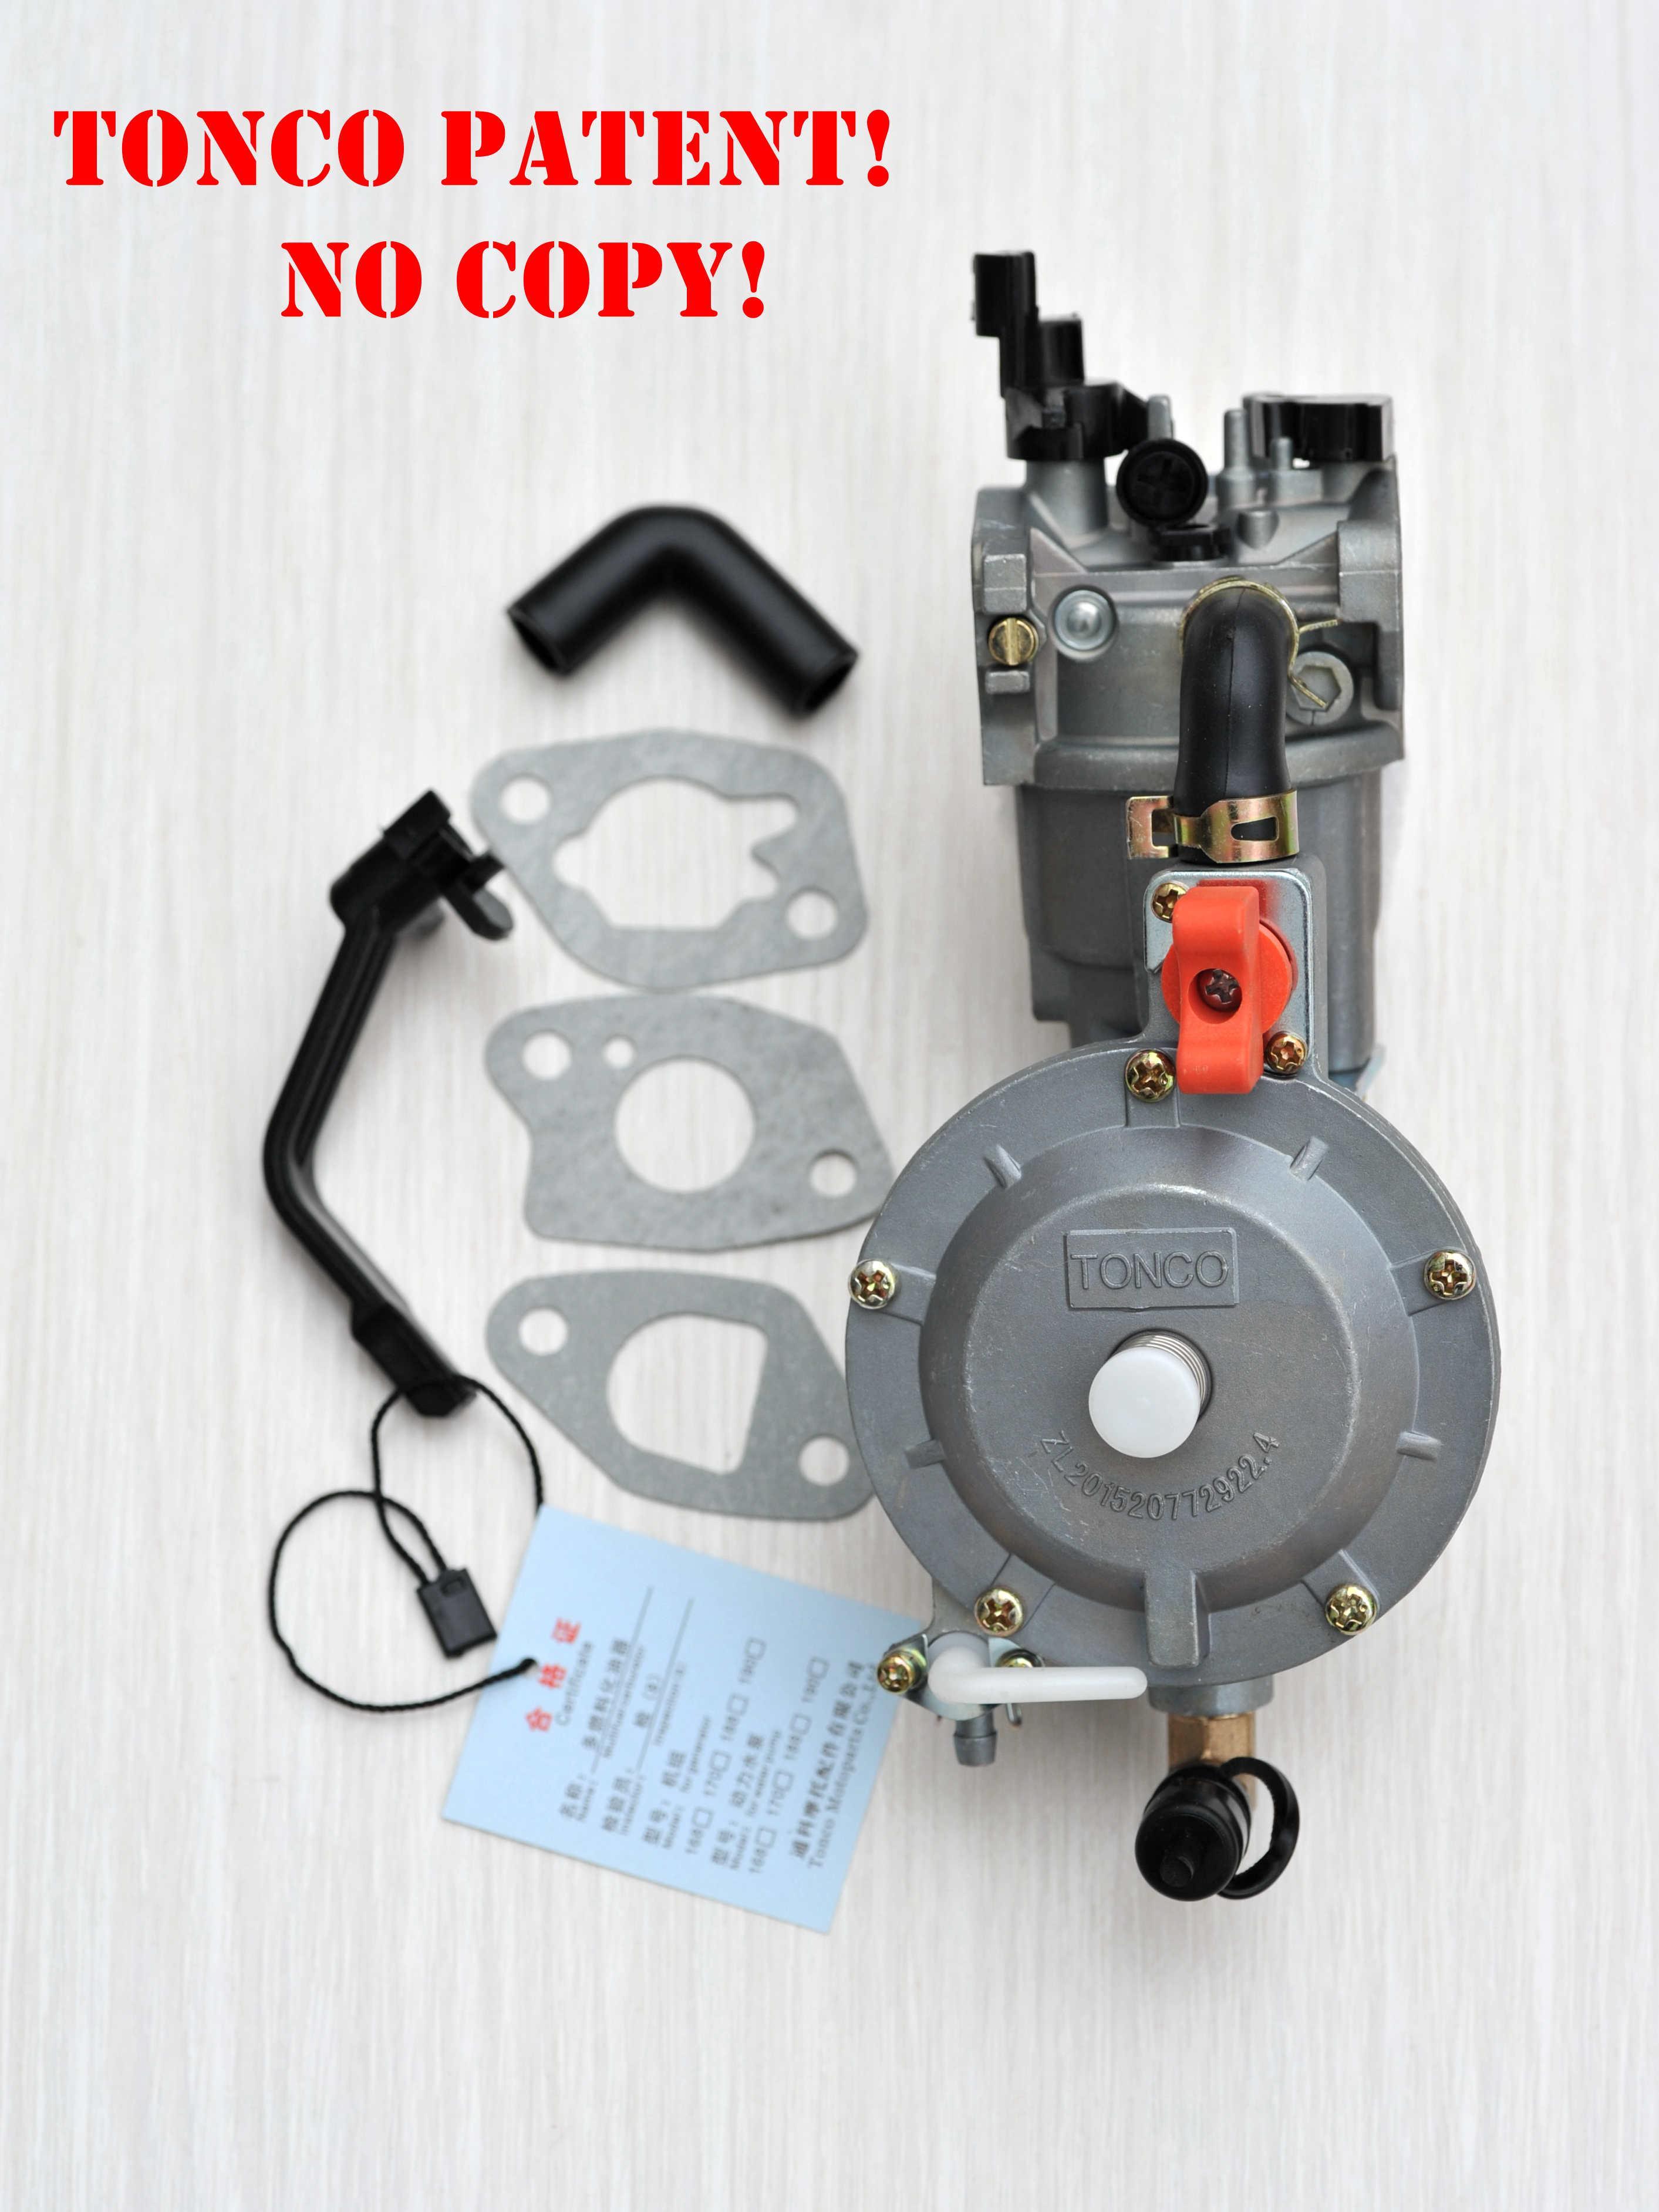 LPG NG Propane تحويل مجموعة لمولد البنزين الهجين 2KW 2000W 2.5KW 2500W 168F المكربن مبارزة